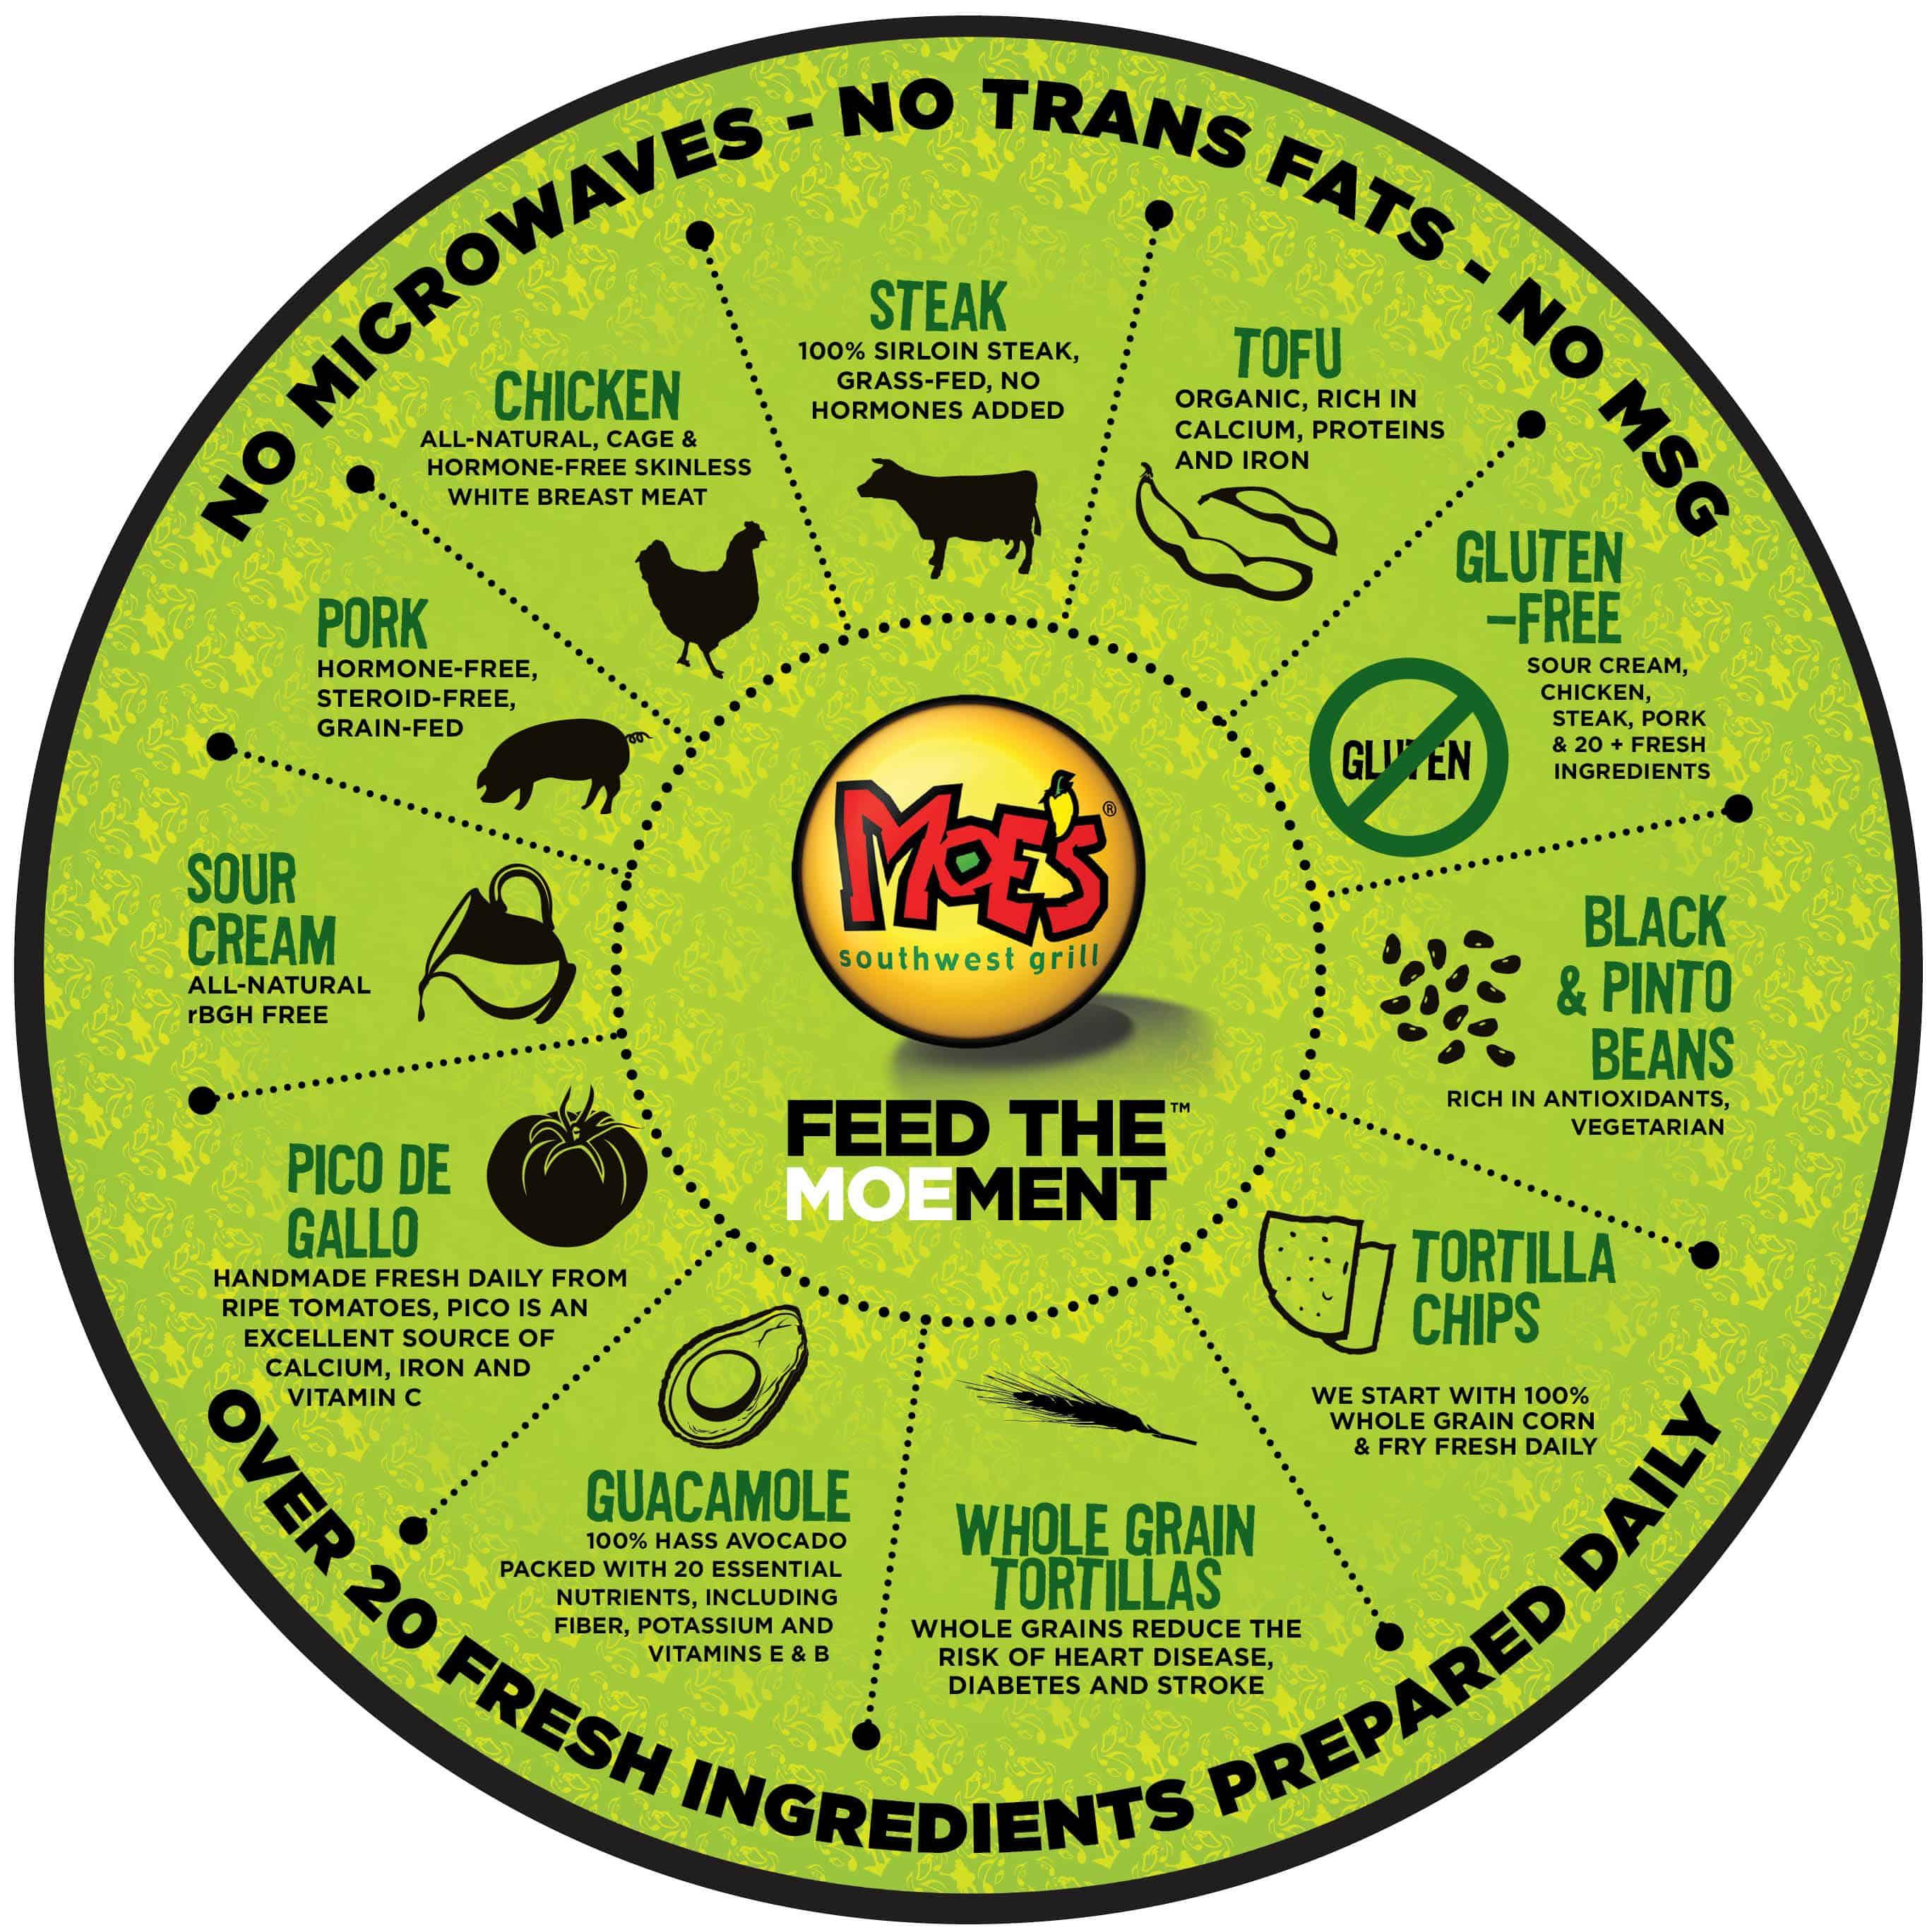 Moe's Southwest Grill Gluten Free Menu